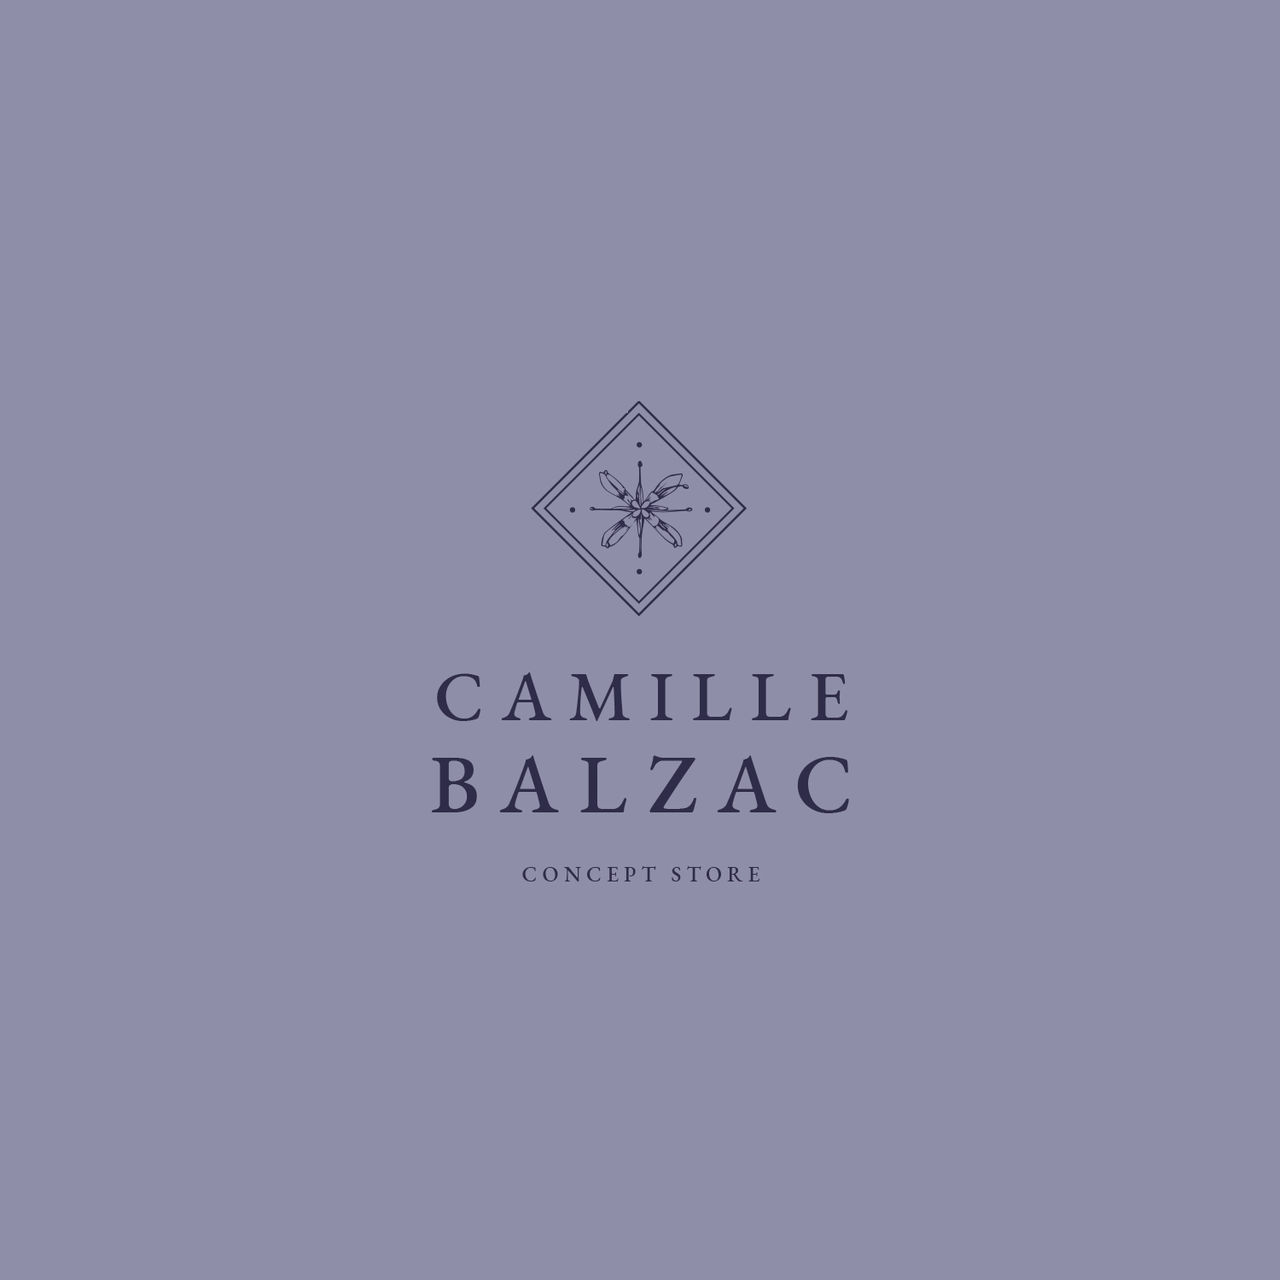 Camille Balzac